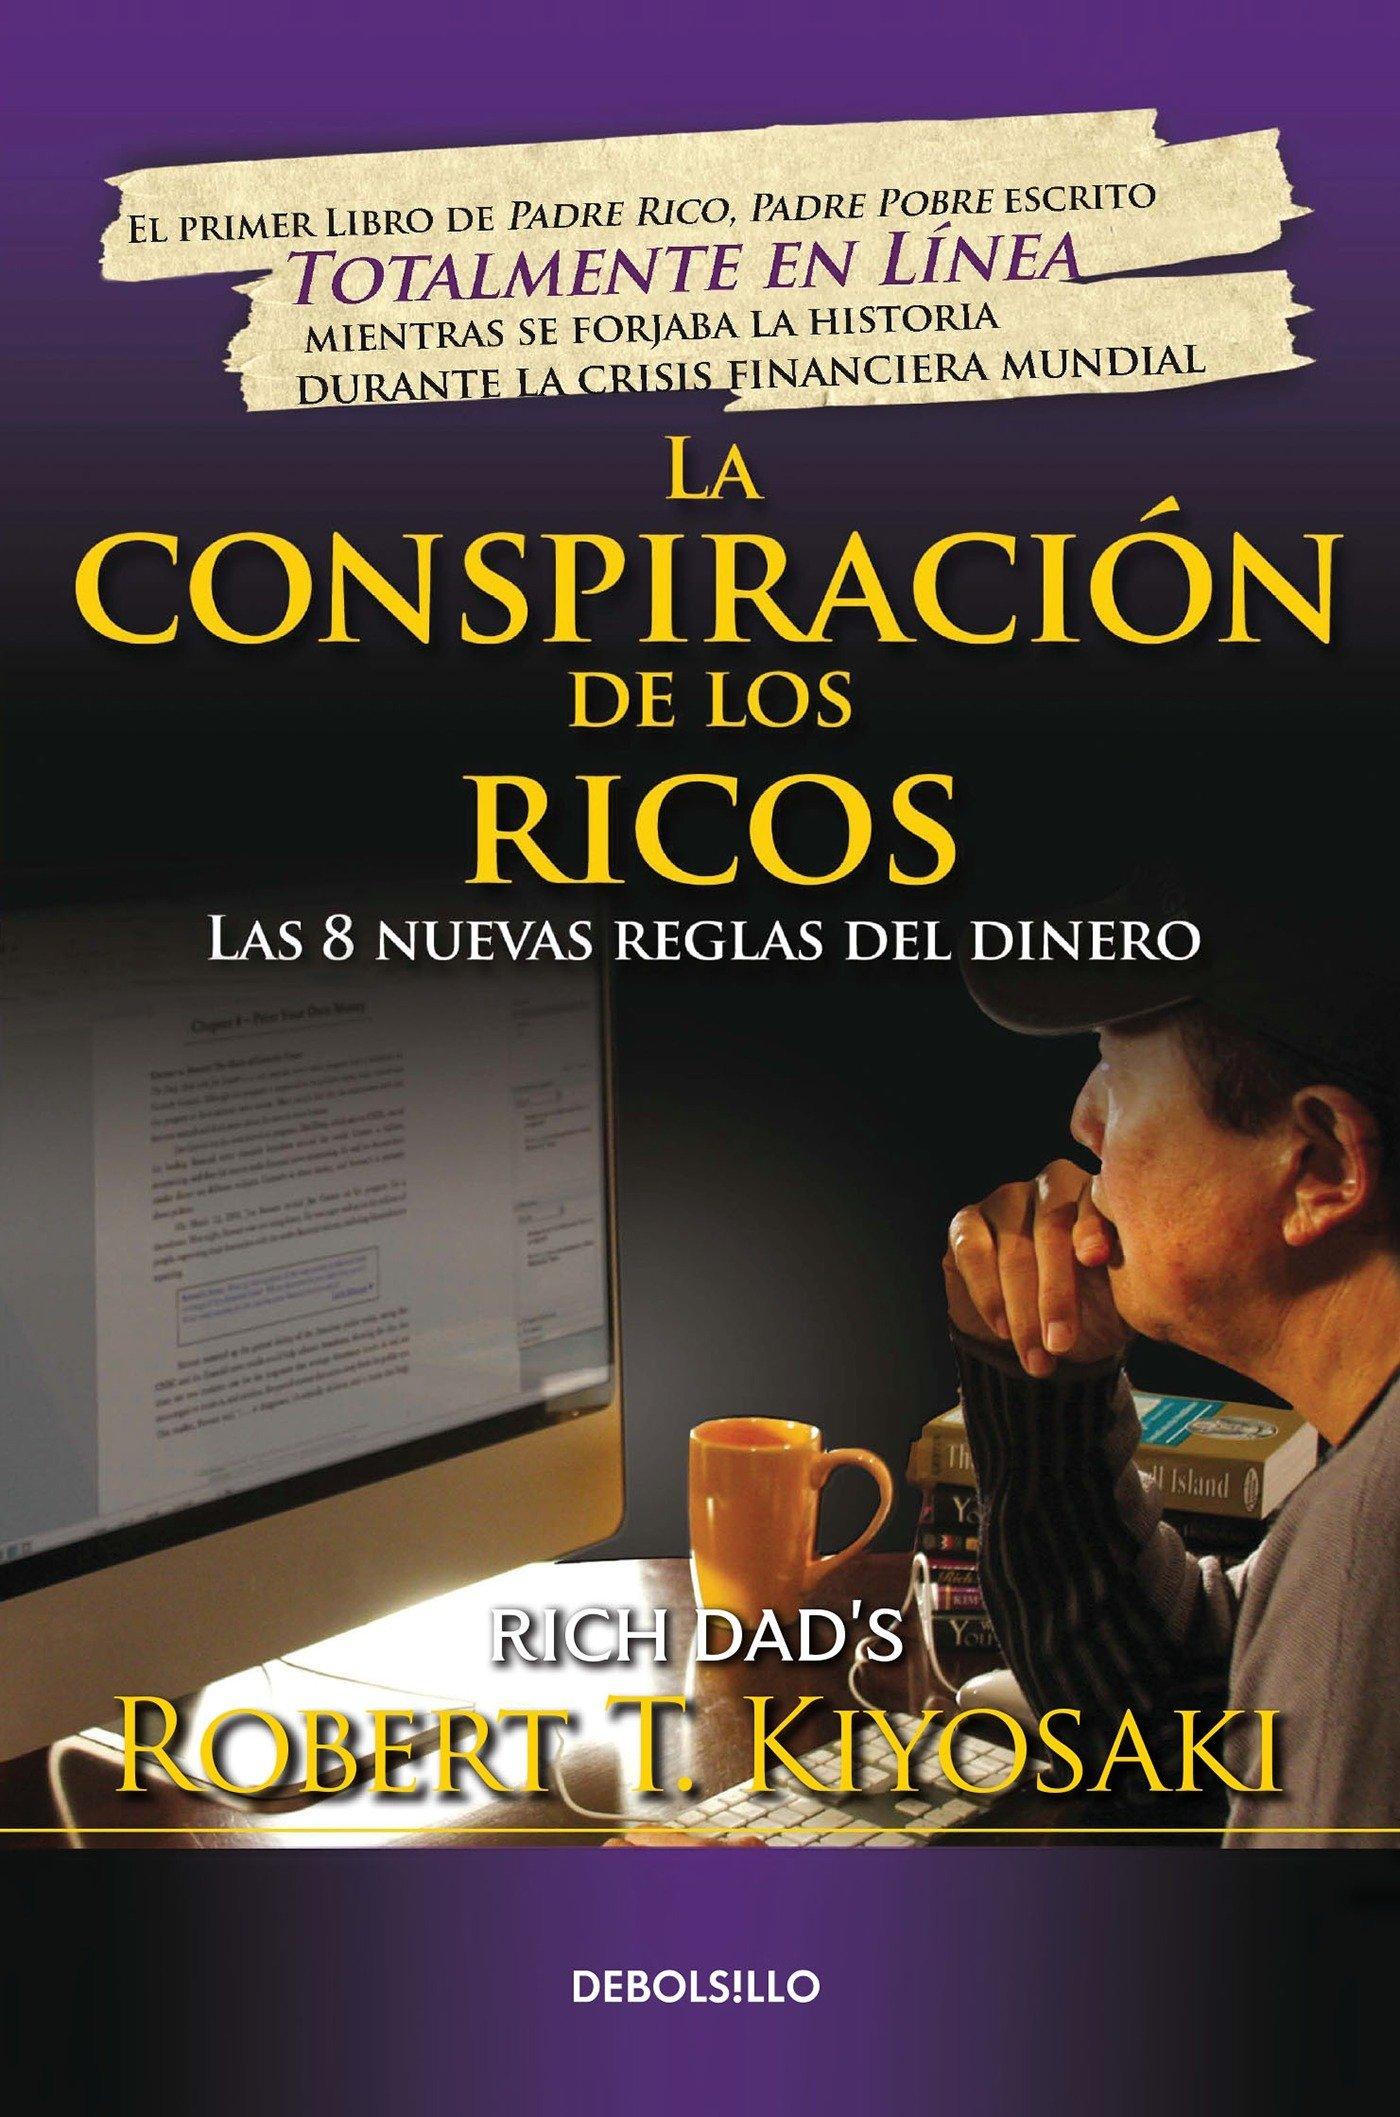 La conspiración de los ricos / Rich Dad's Conspiracy of The Rich: The 8 New  Rule s of Money: Las 8 nuevas reglas del dinero (Bestseller) (Spanish  Edition): ...